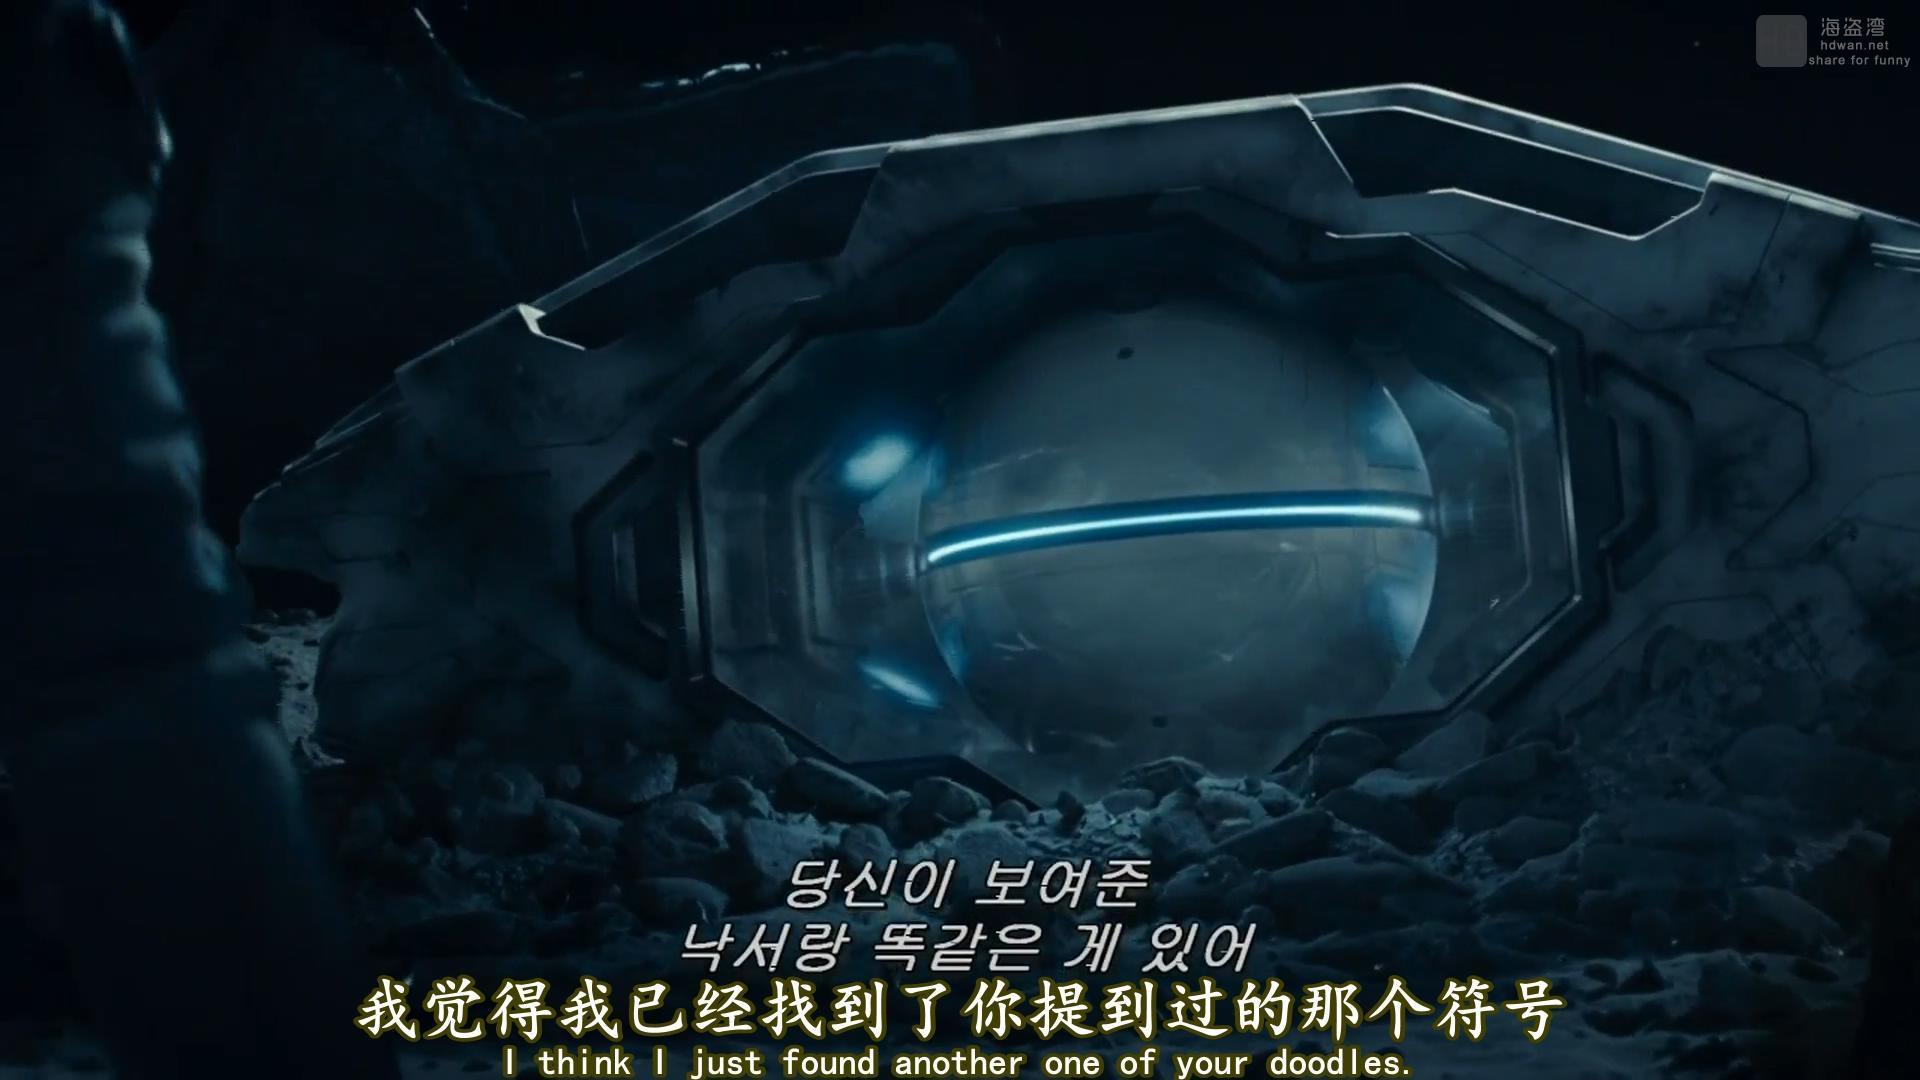 [独立日:卷土重来/独立日2][2016][欧美][科幻][HD-MP4/2.39GB][韩版中英字幕][720P更新]